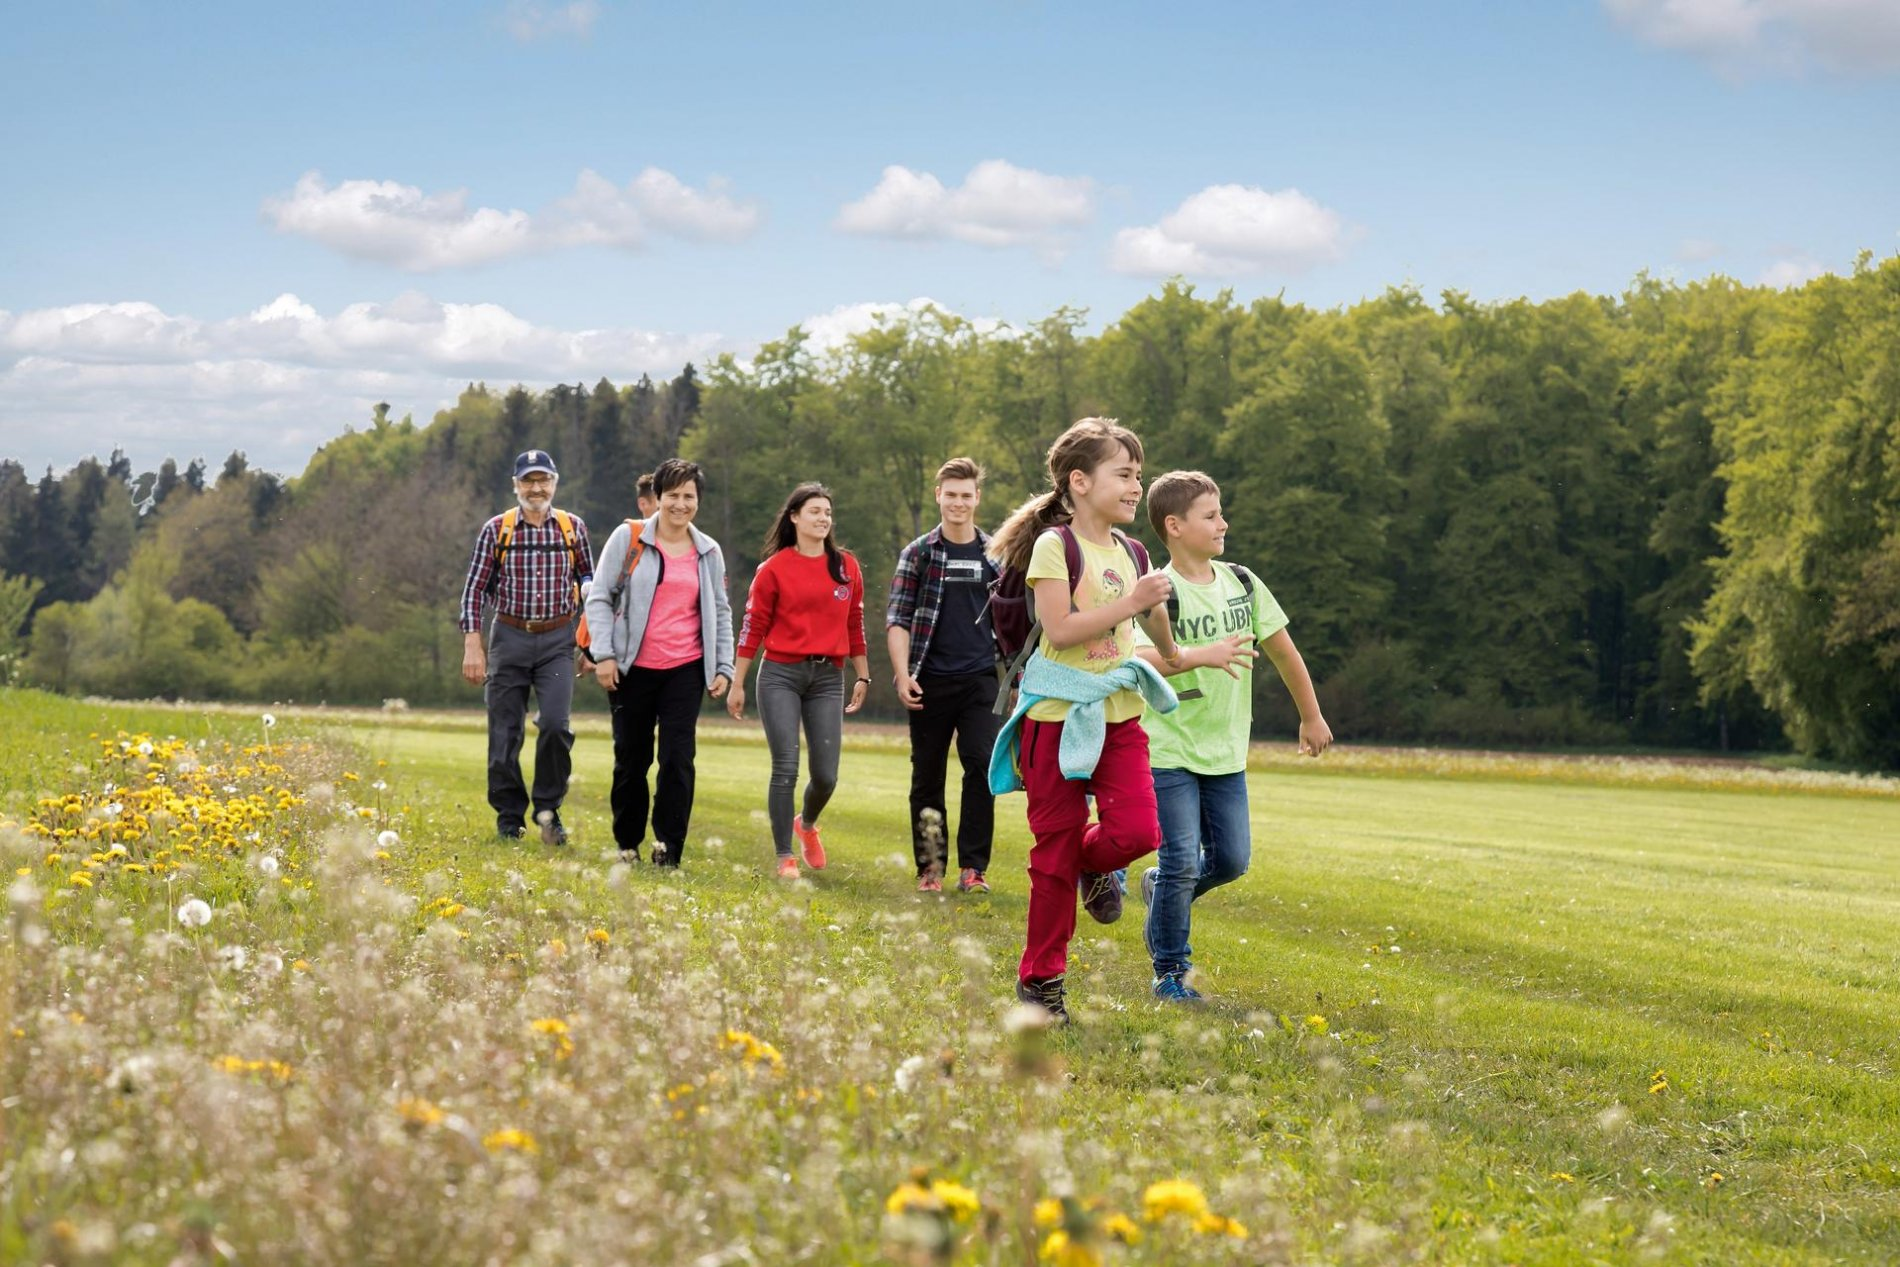 Drei Erwachsene, zwei Jugendliche und zwei Kinder laufen über eine Wiese mit Löwenzahn. Im Hintergrund ist Wald. Es ist sonnig, warm und der Himmel nur leicht bewölkt.